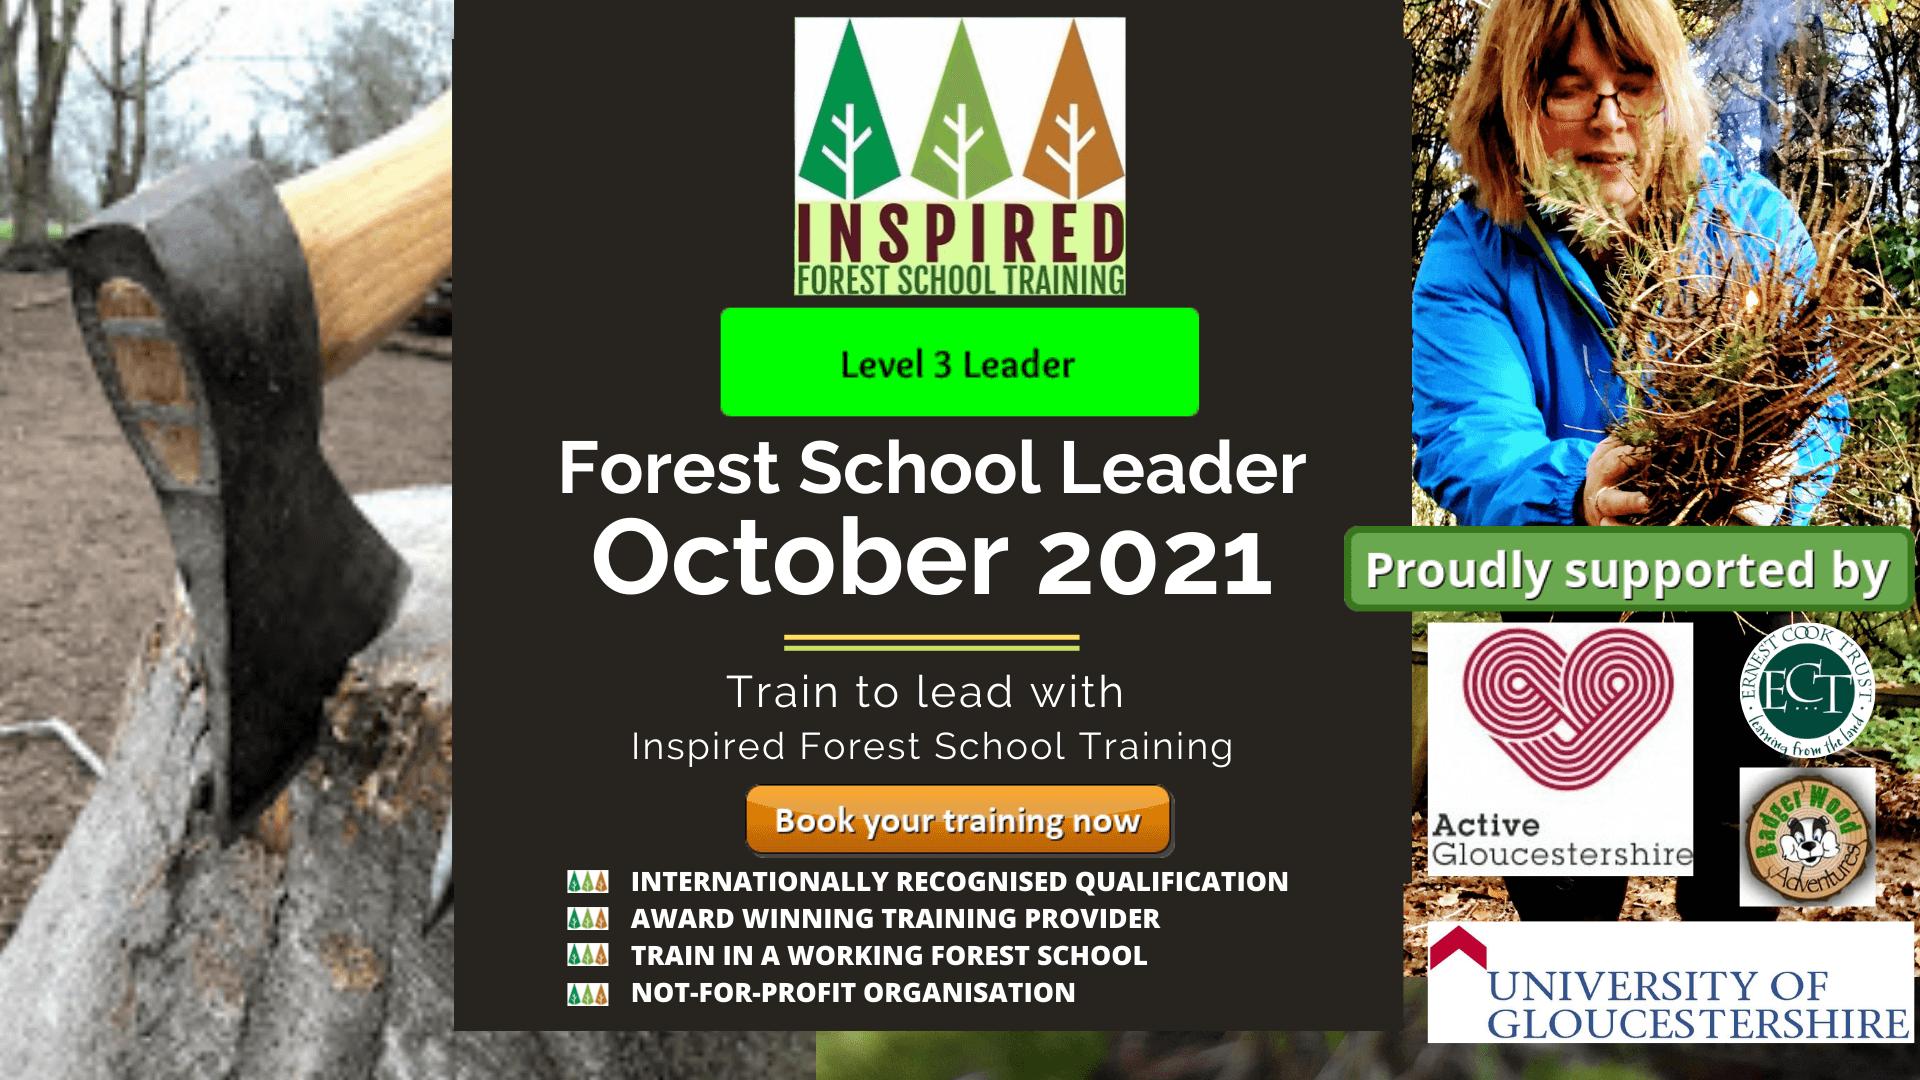 October-Forest-School-training-2021 Forest School Leader Training - October 2021